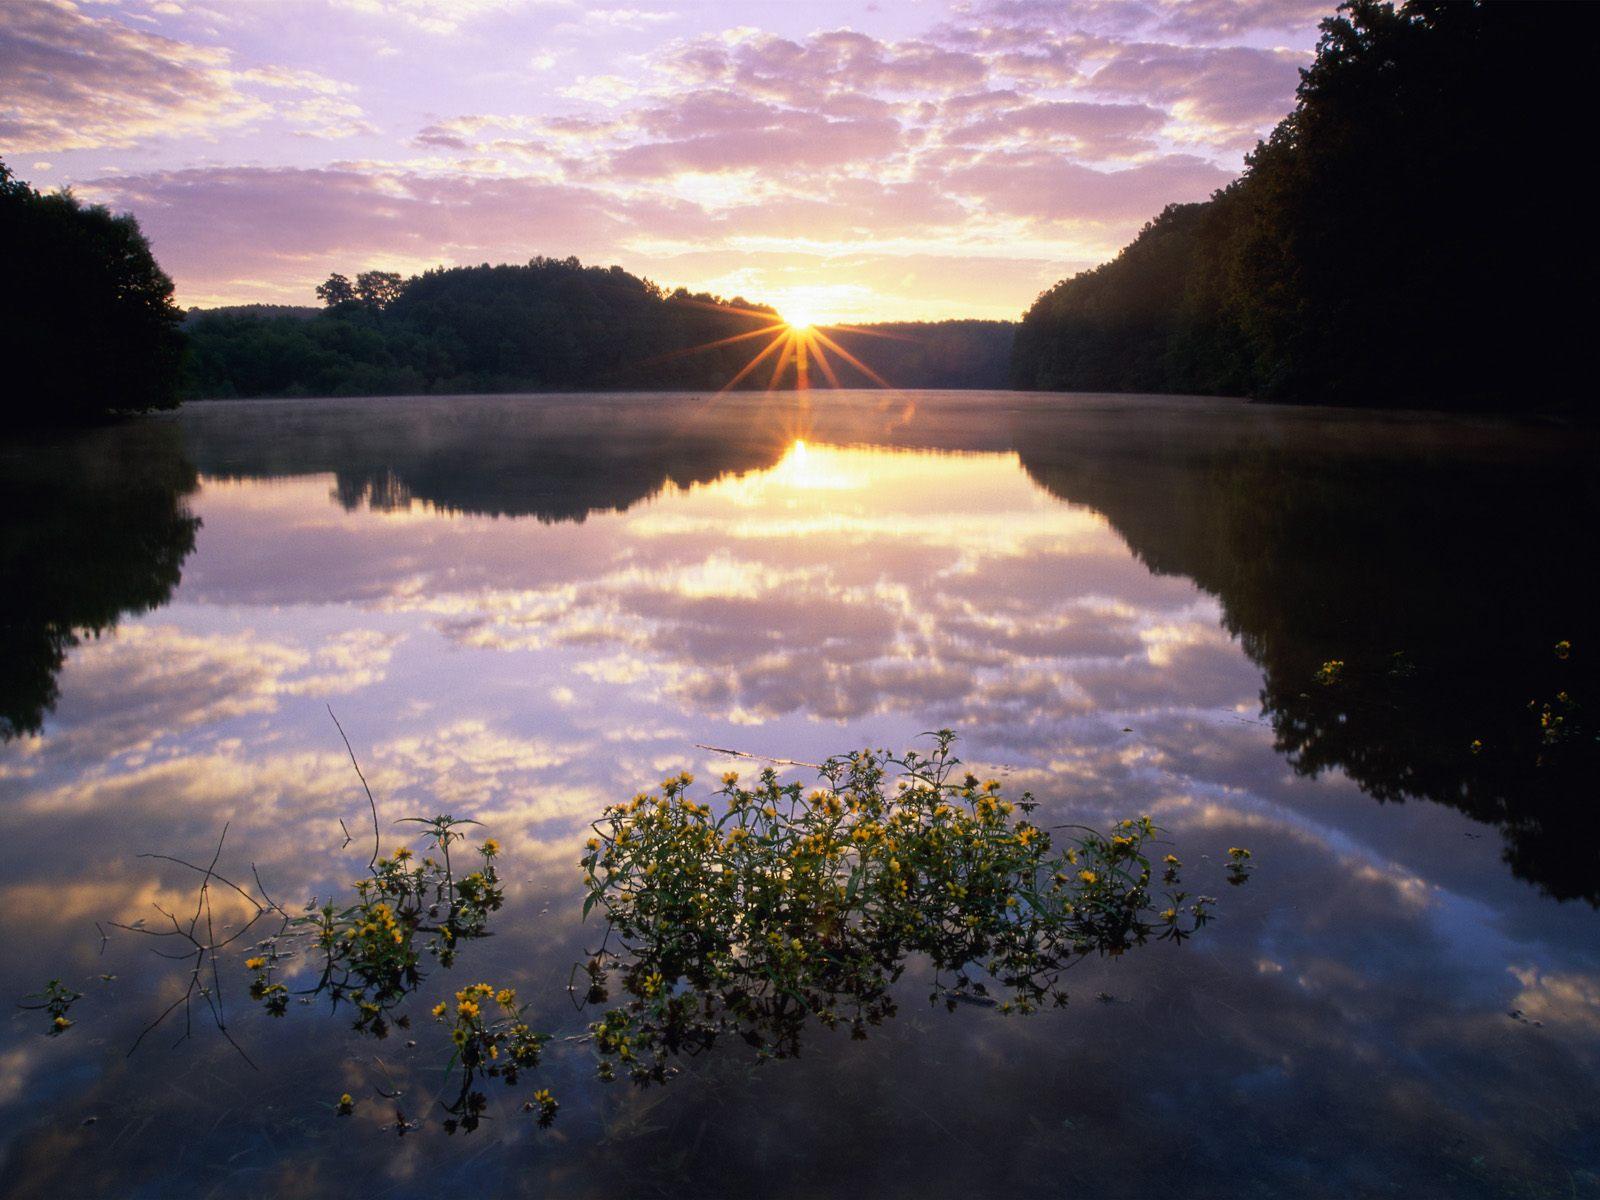 scenic wallpaper sunset